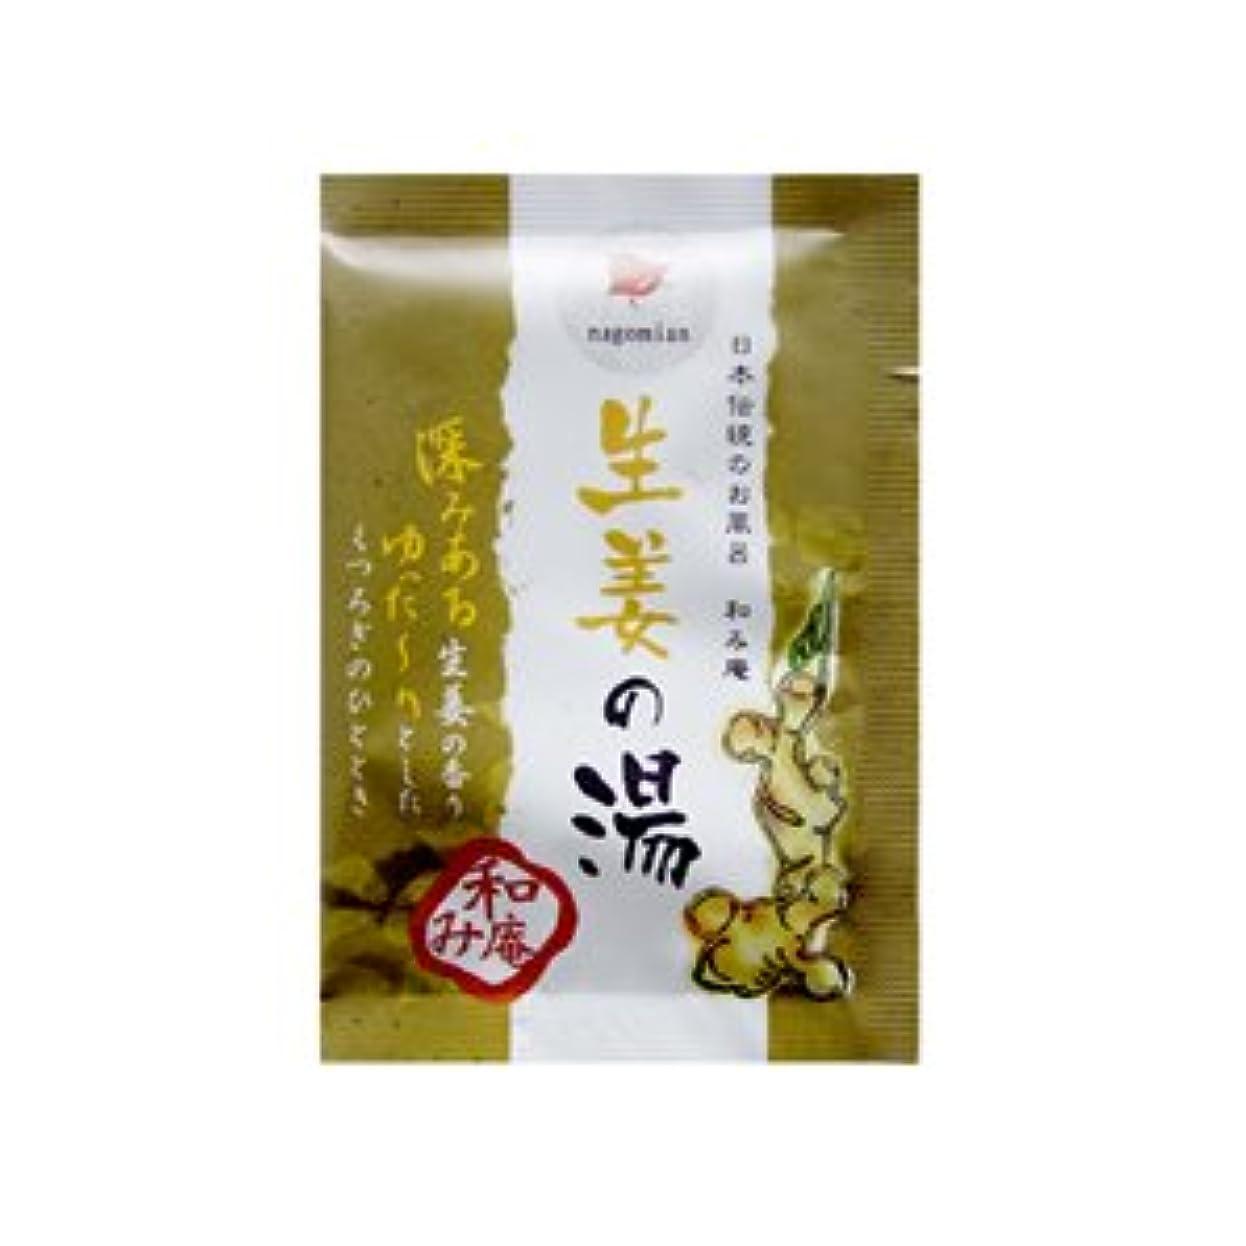 打倒極めて岸日本伝統のお風呂 和み庵 生姜の湯 25g 10個セット